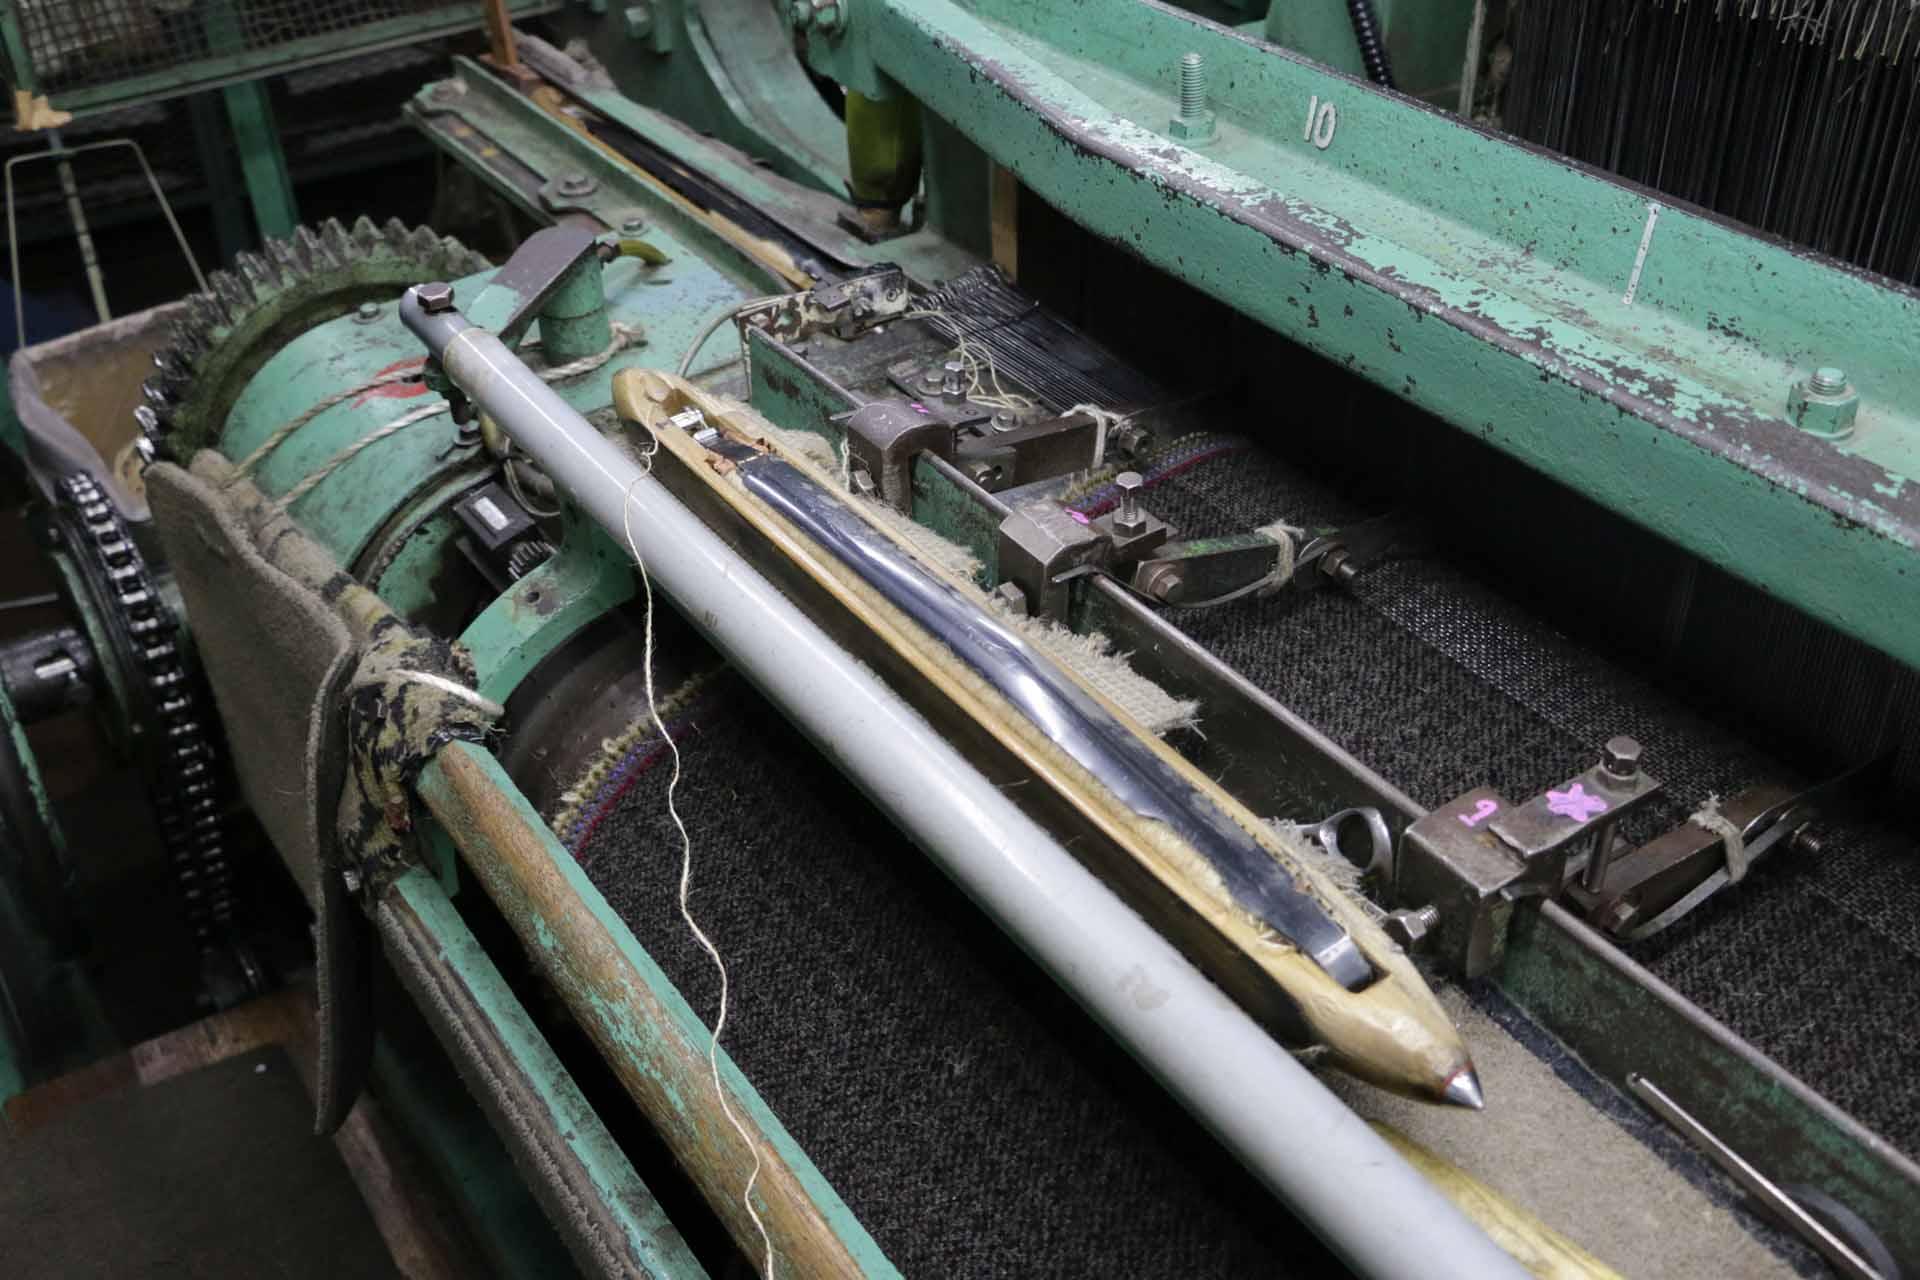 カーペットの織機。堀田カーペットは18世紀イギリスの産業革命の頃に世界で初めて機械化されたカーペット織機「ウィルトン織機」を代々使っている